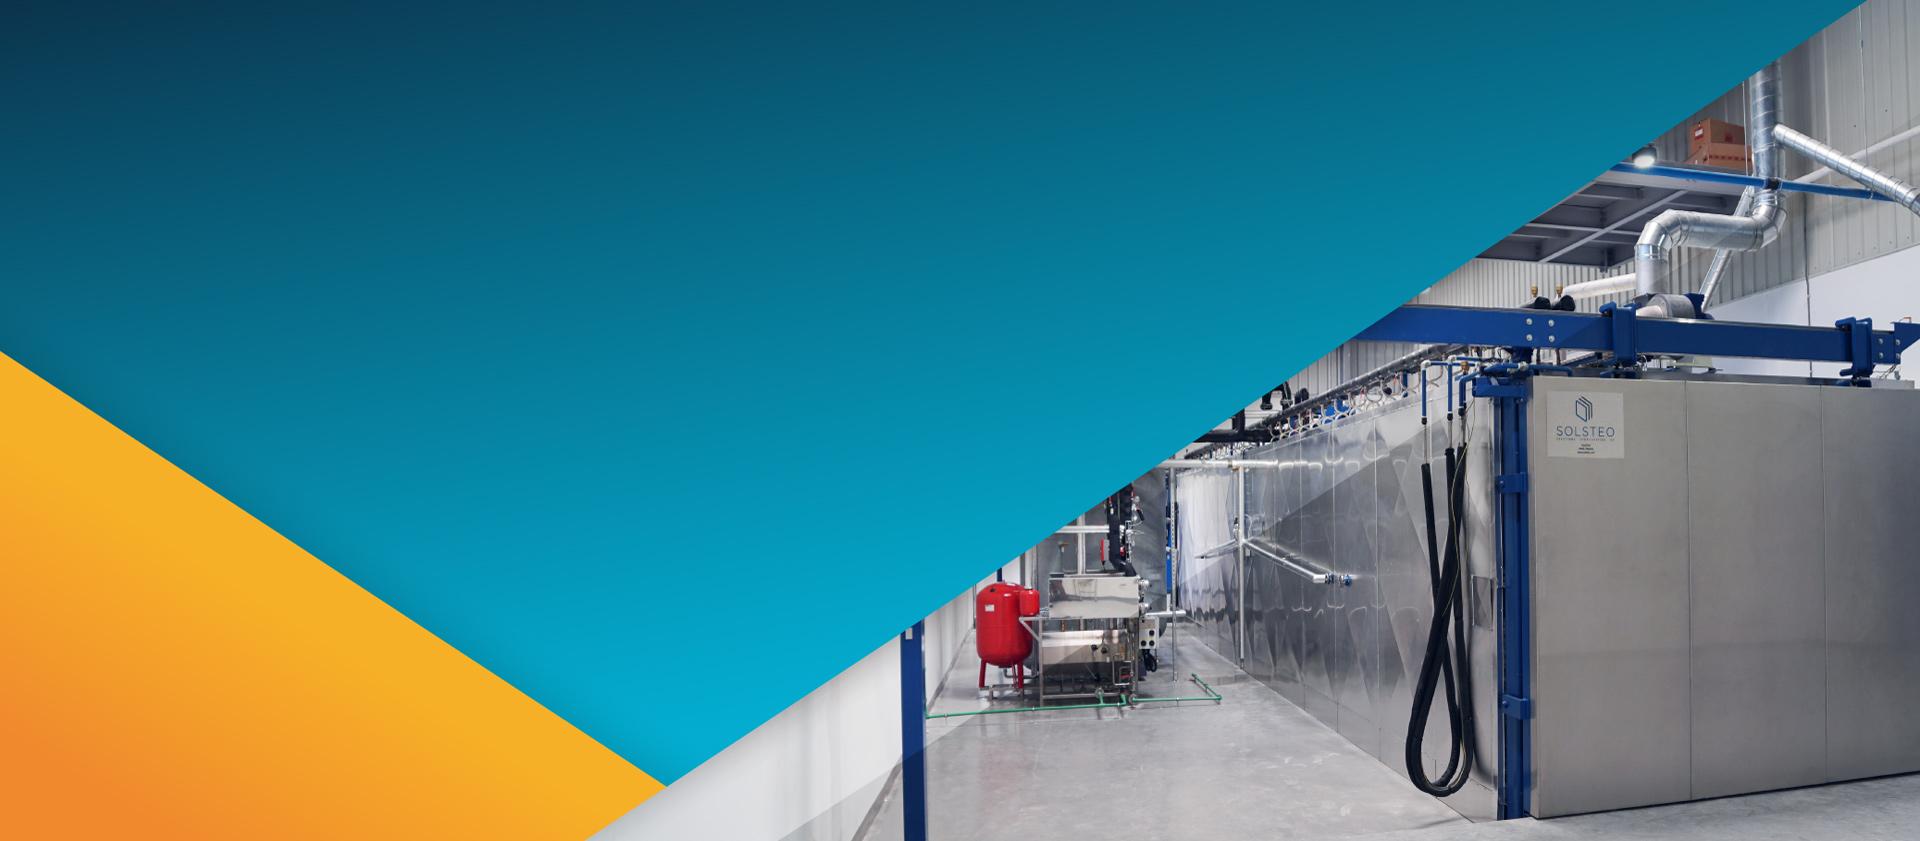 Stérilisateurs industriels à oxyde d'éthylène (OE) pour les dispositifs médicaux – SOLSTEO